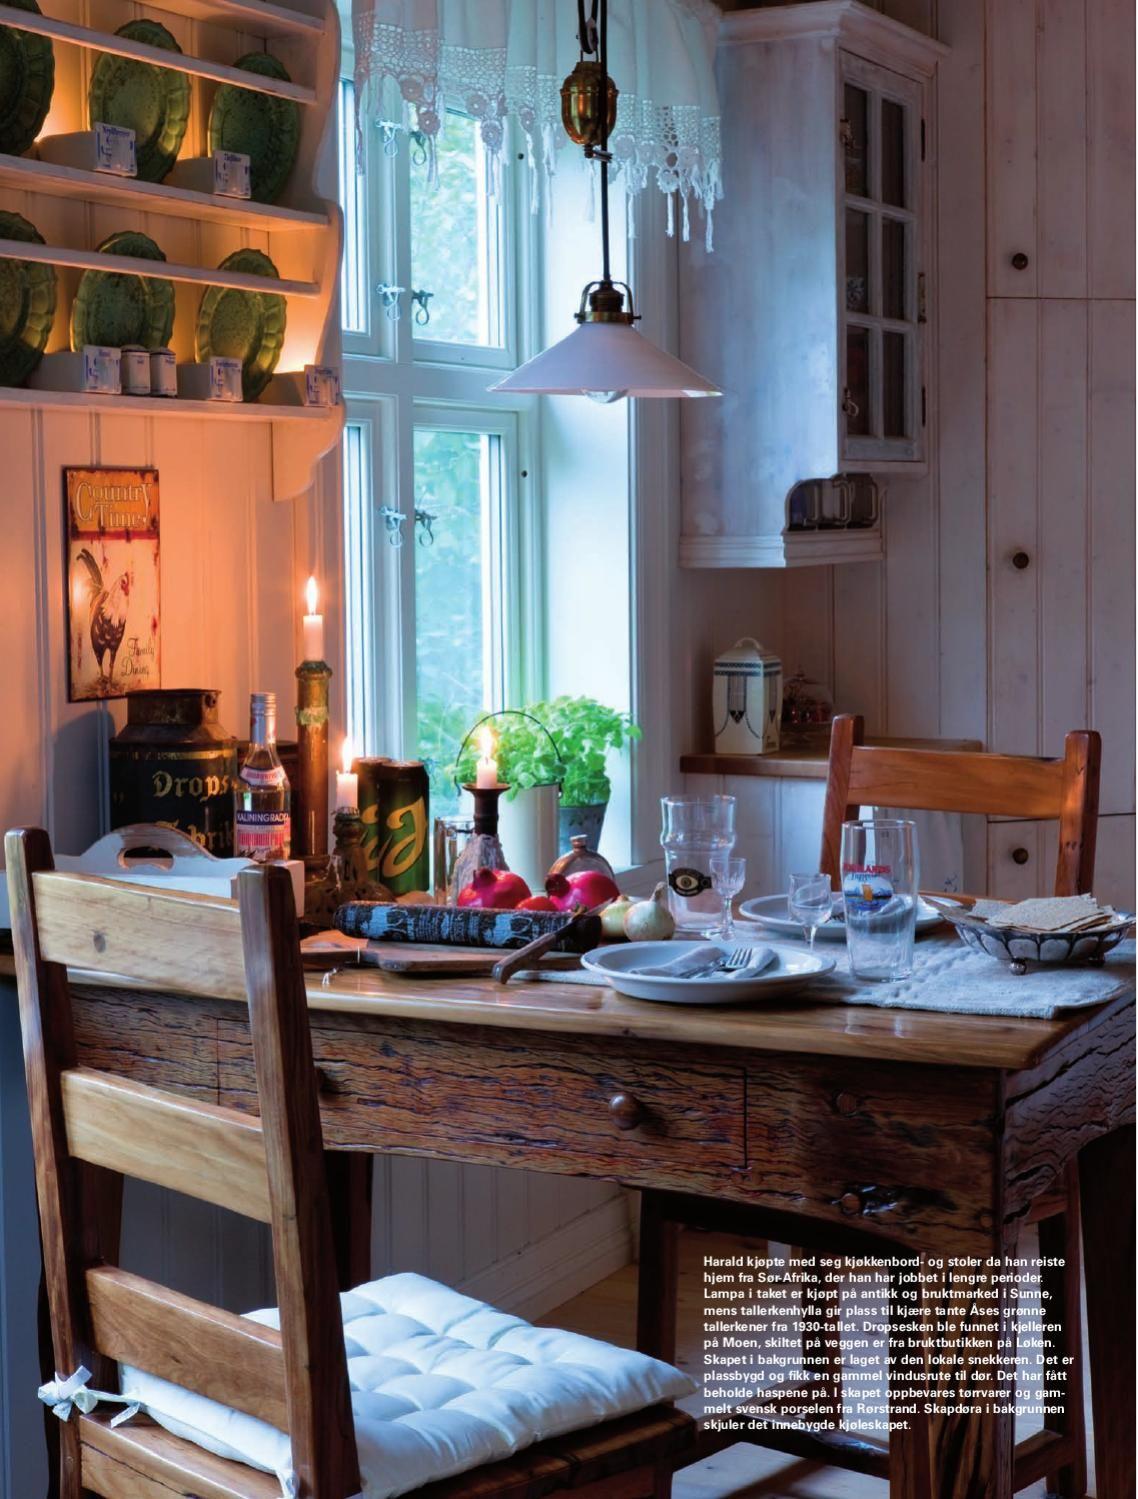 Best Lev Landlig Til Hjemmet Hyttekjøkken Og Sweet Home 400 x 300